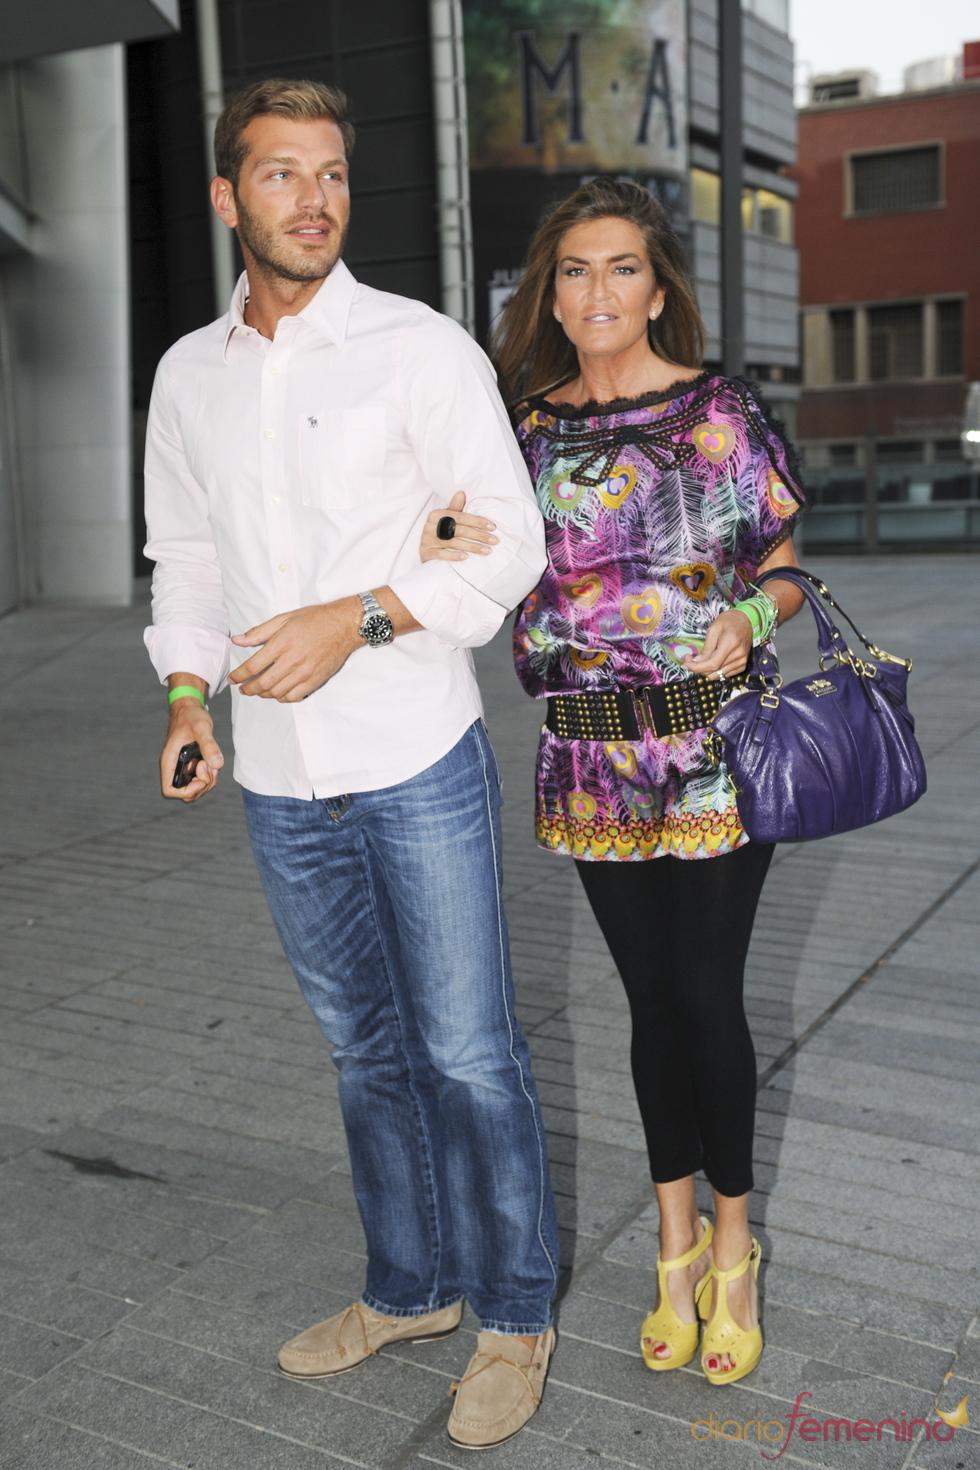 Susana Uribarri y Darek en el concierto de Ricky Martin en Madrid